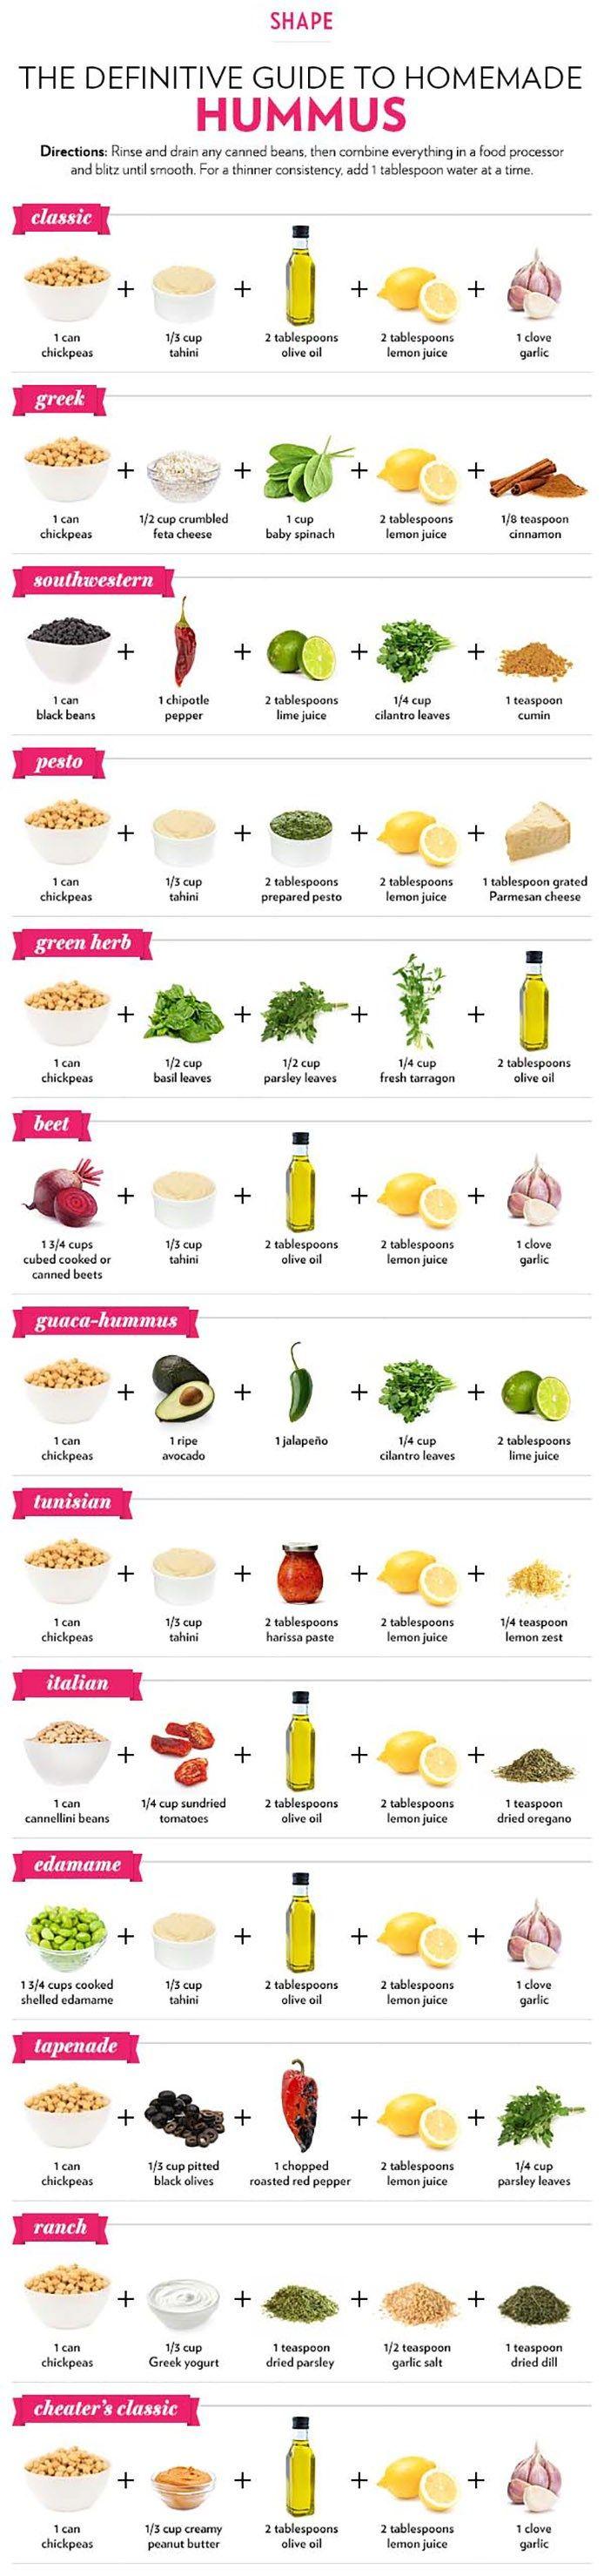 13 modi per fare l'hummus